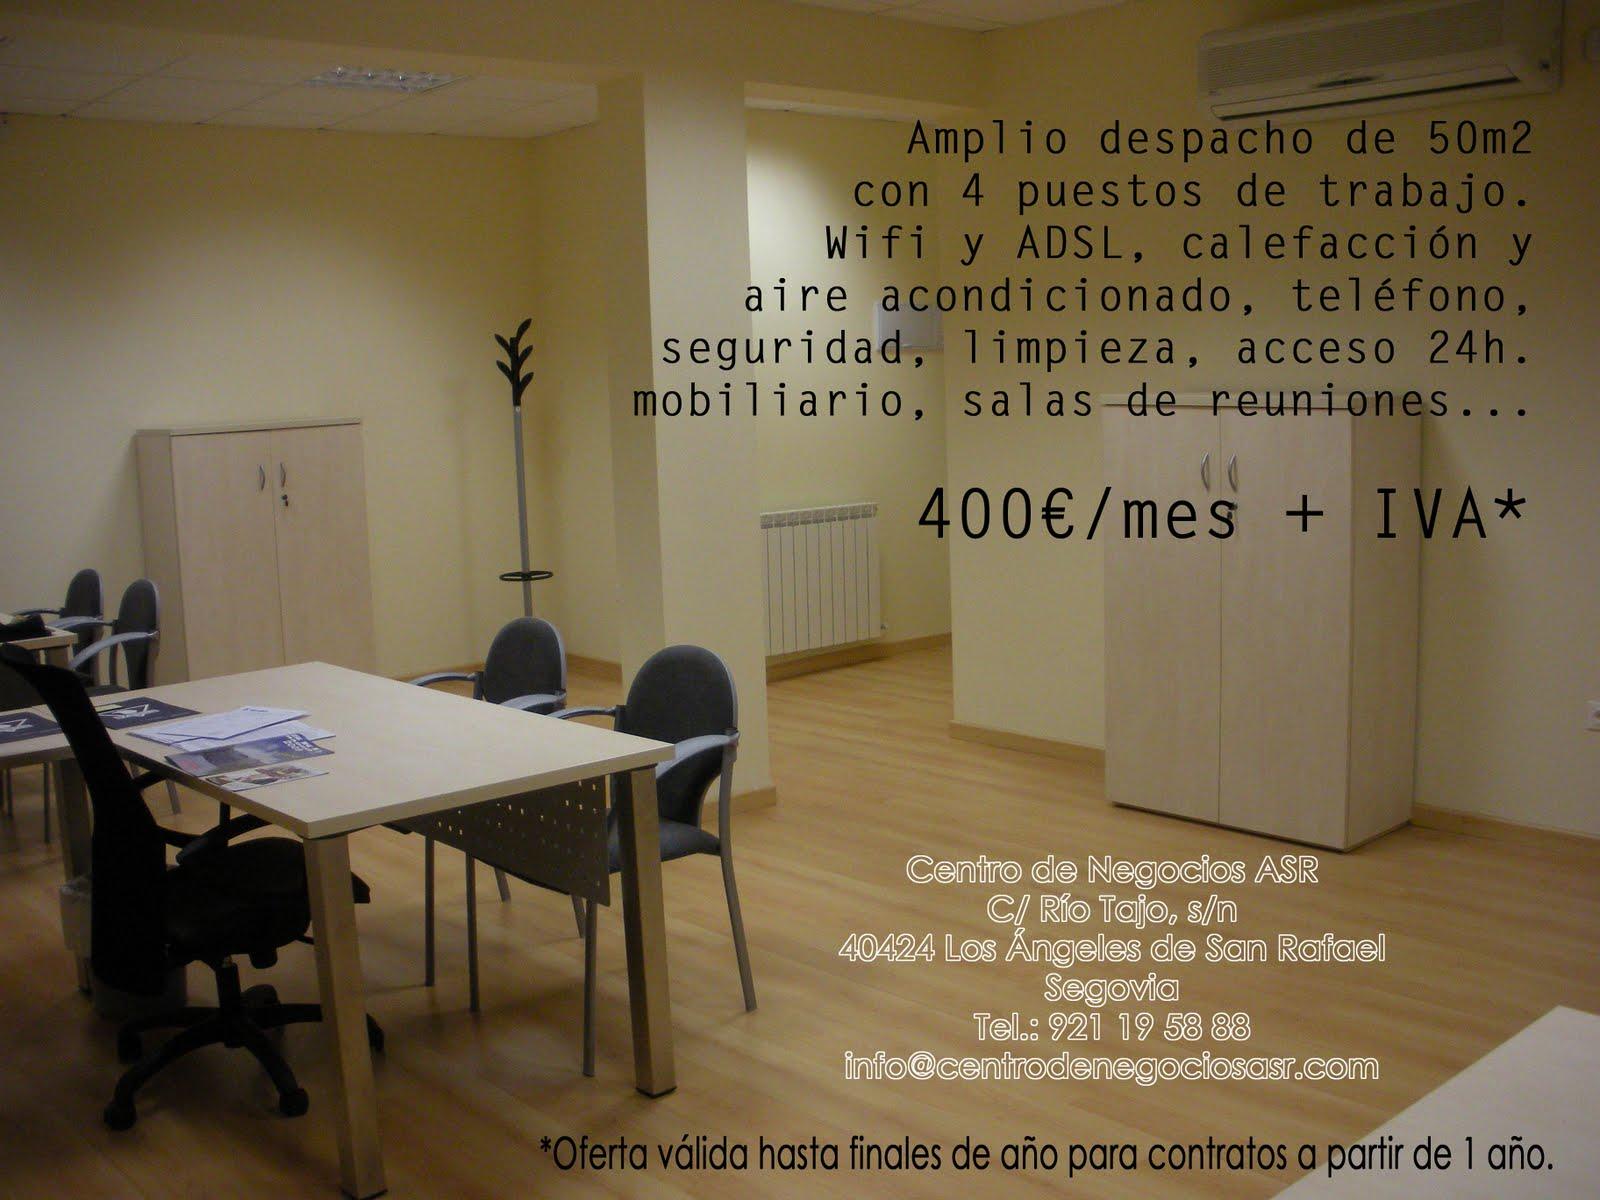 Centro de negocios asr promoci n despacho 50m for Oficina virtual economica